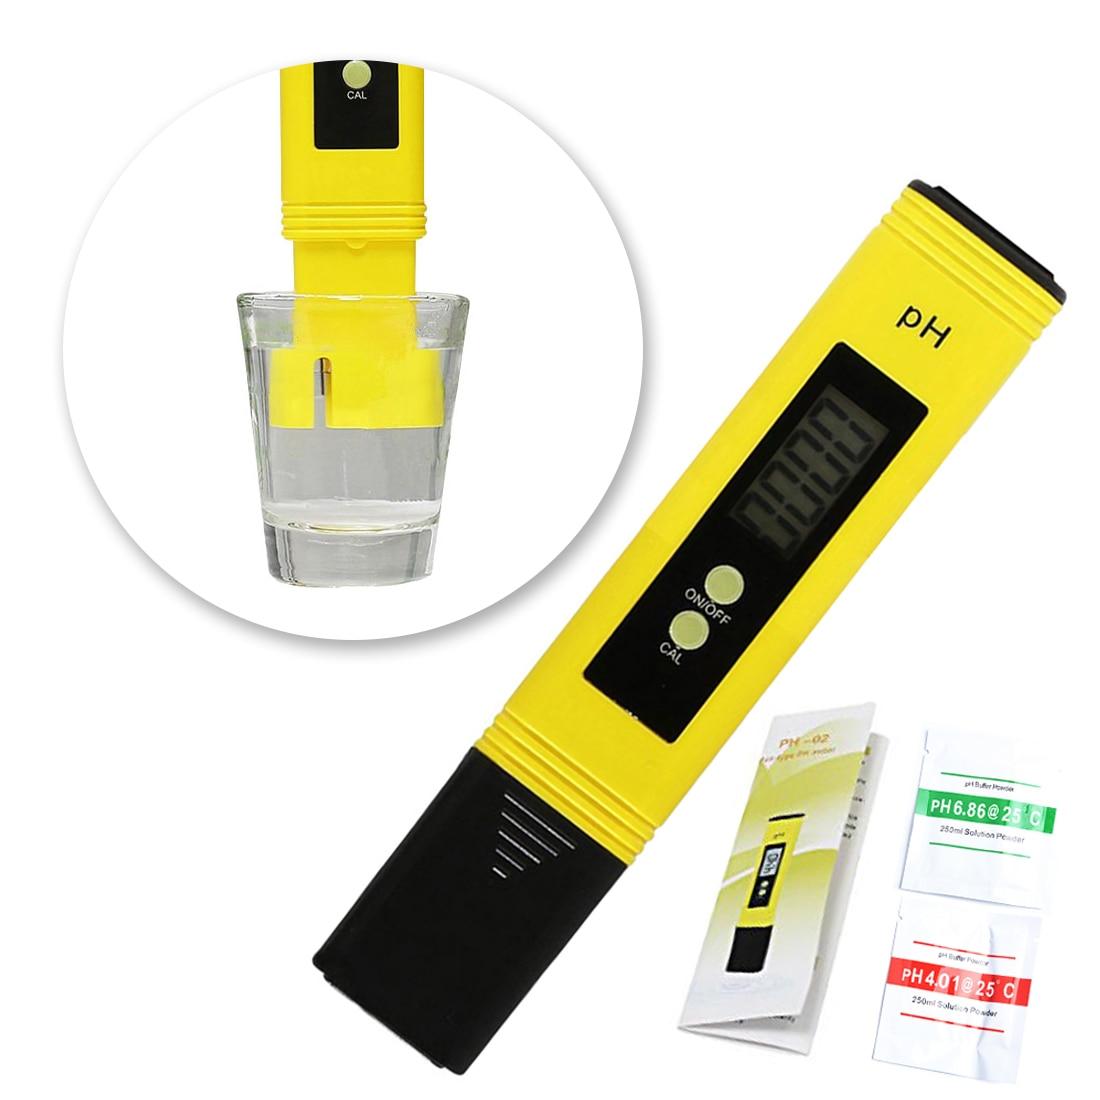 LCD Digital medidor de PH pluma de precisión 0,1 acuario agua de la piscina vino orina calibración automática nueva portátil